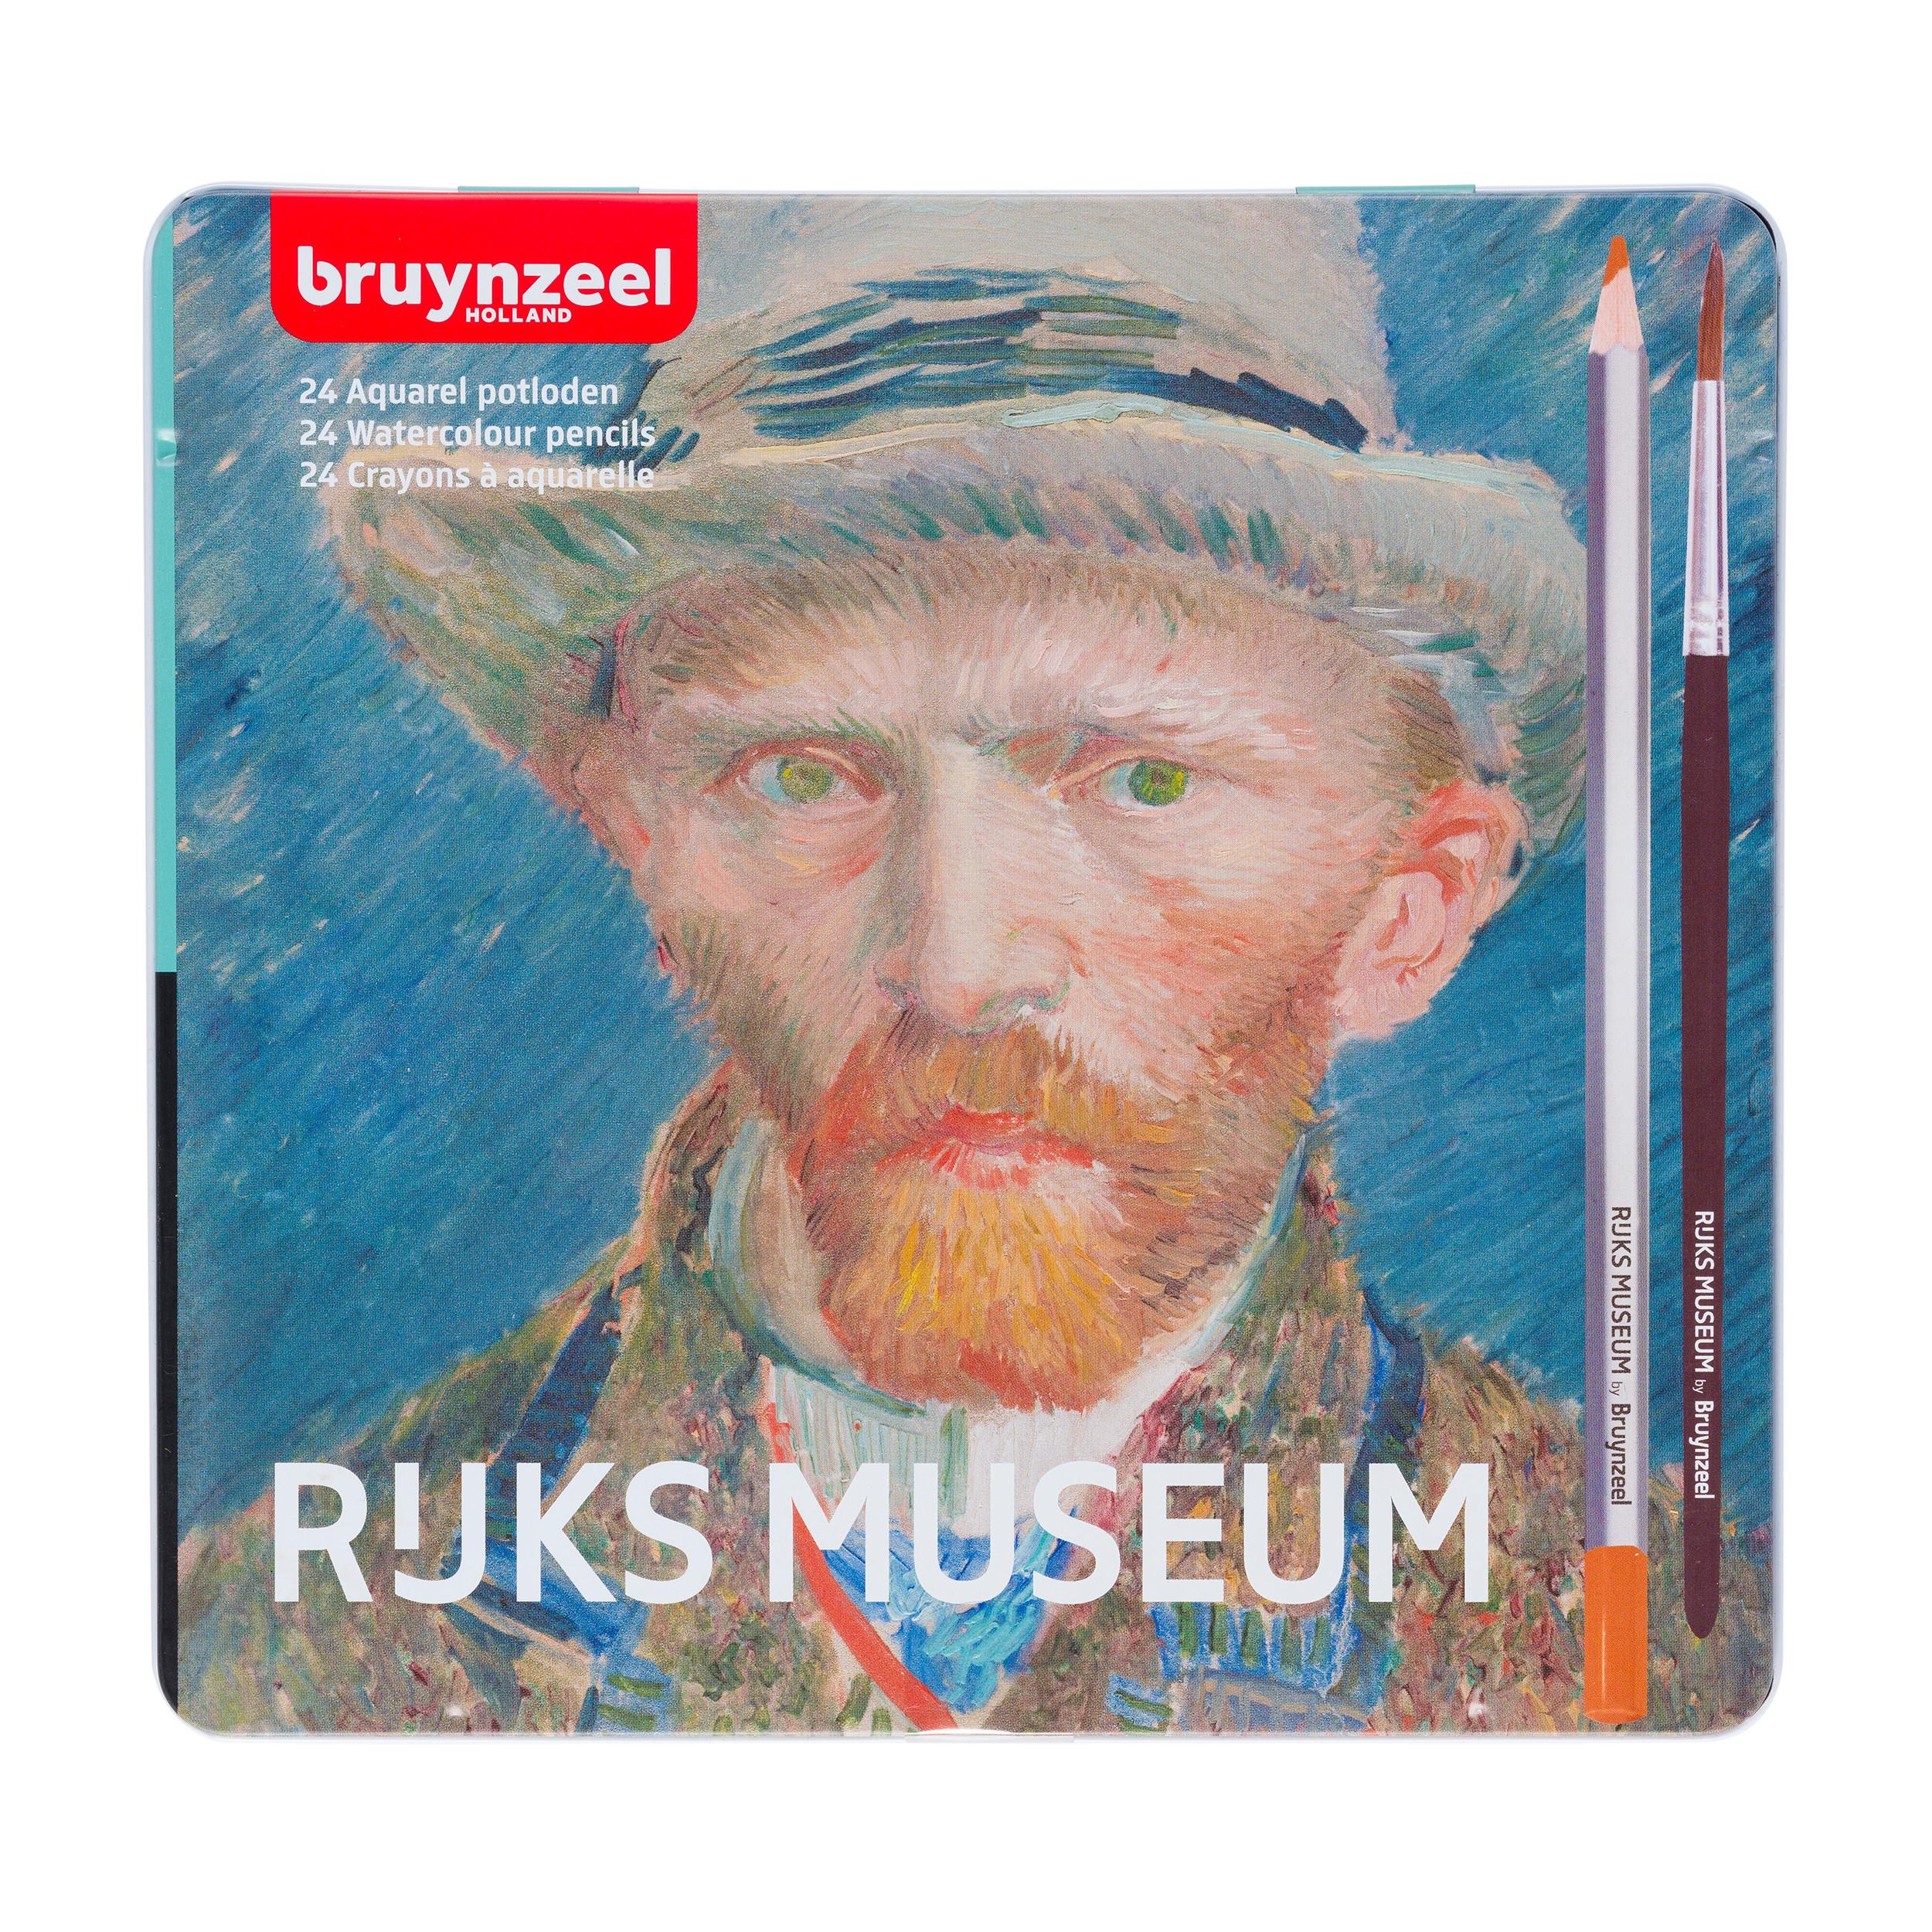 Bruynzeel Bruynzeel, Vincent Van Gogh